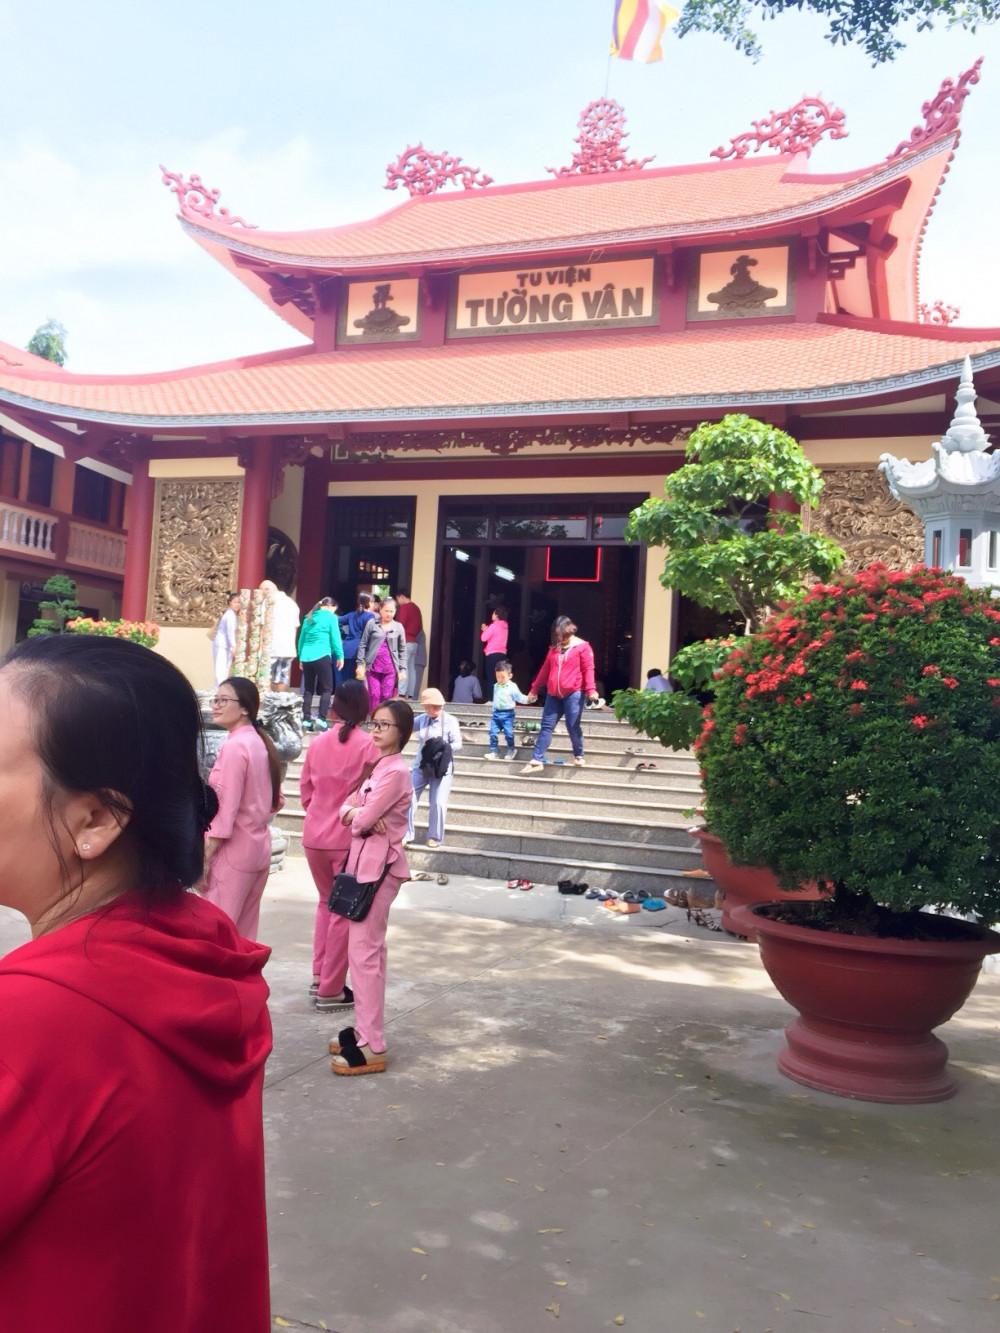 Tân Tân đồng hành cùng ngày hội Vu Lan 2018 tại tu viện Tường Vân